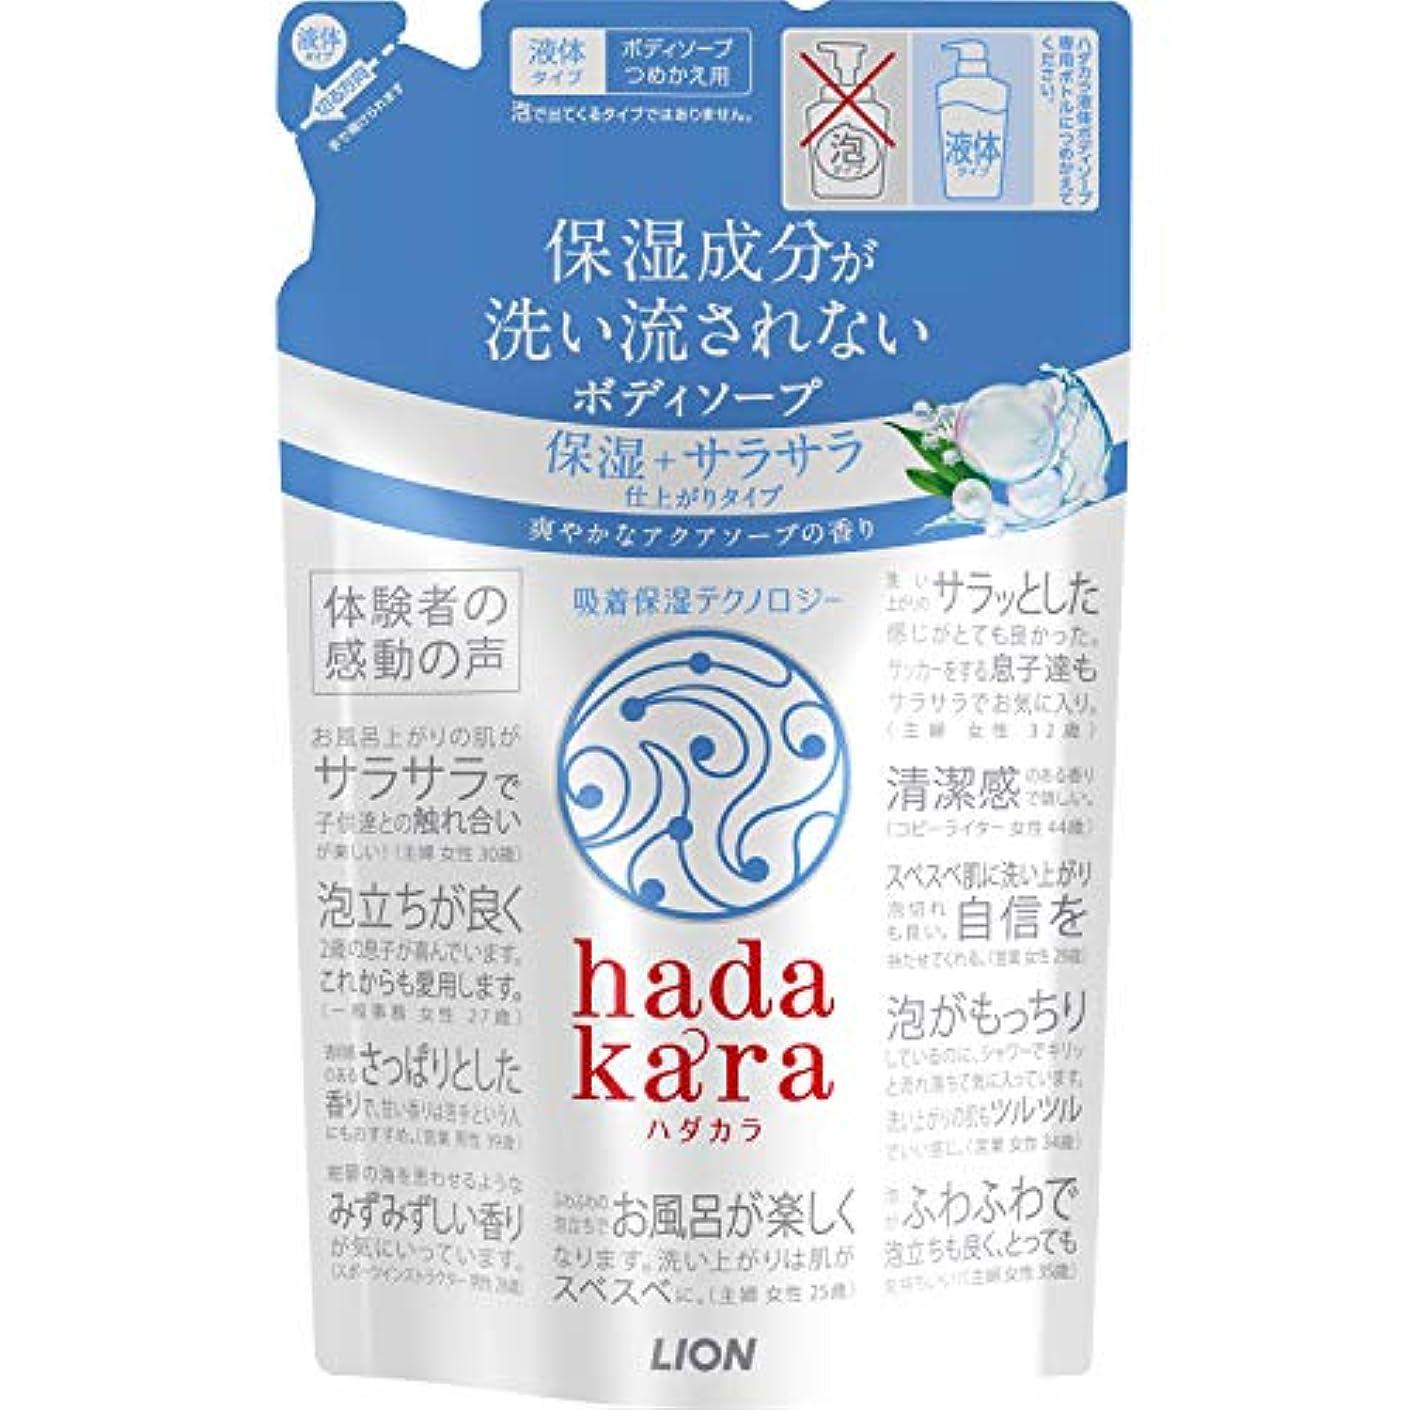 同時シネマアクセサリーhadakara(ハダカラ) ボディソープ 保湿+サラサラ仕上がりタイプ アクアソープの香り 詰め替え 340ml